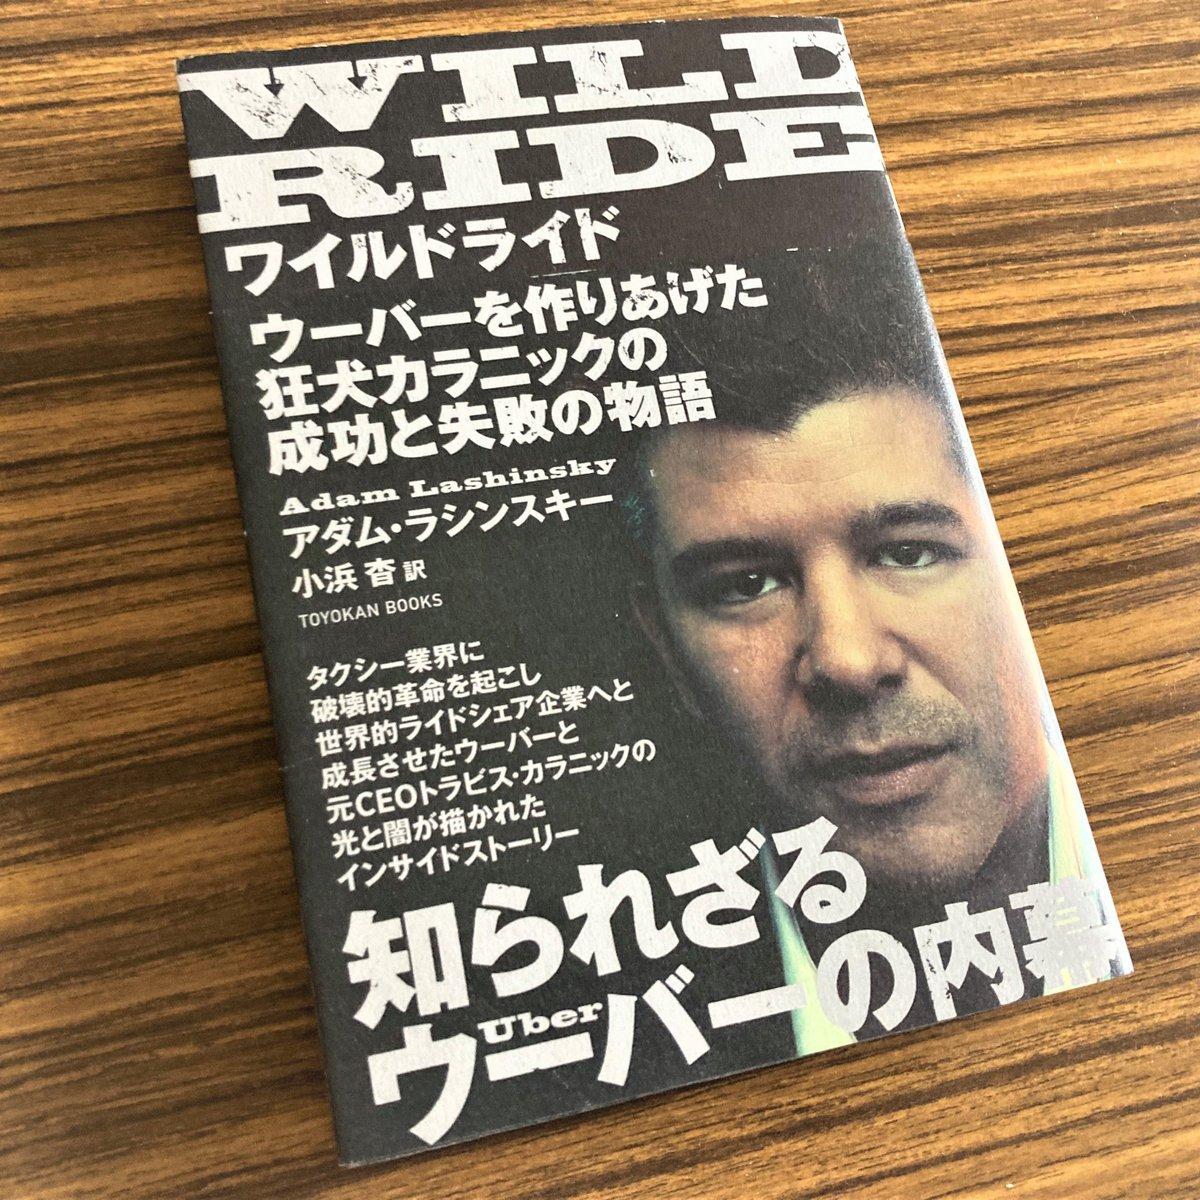 日本ではウーバーイーツで有名な、ウーバーを作り上げた元ウーバーCEOのトラビス・カラニックの半生を描いた一冊📖カラカラのデジタル業界の中でのカラニックのウェットな人間臭さは不思議な魅力もあり面白いです😀 #読了 【WILD RIDE/アダム・ラシンスキー 小浜杳(訳)】